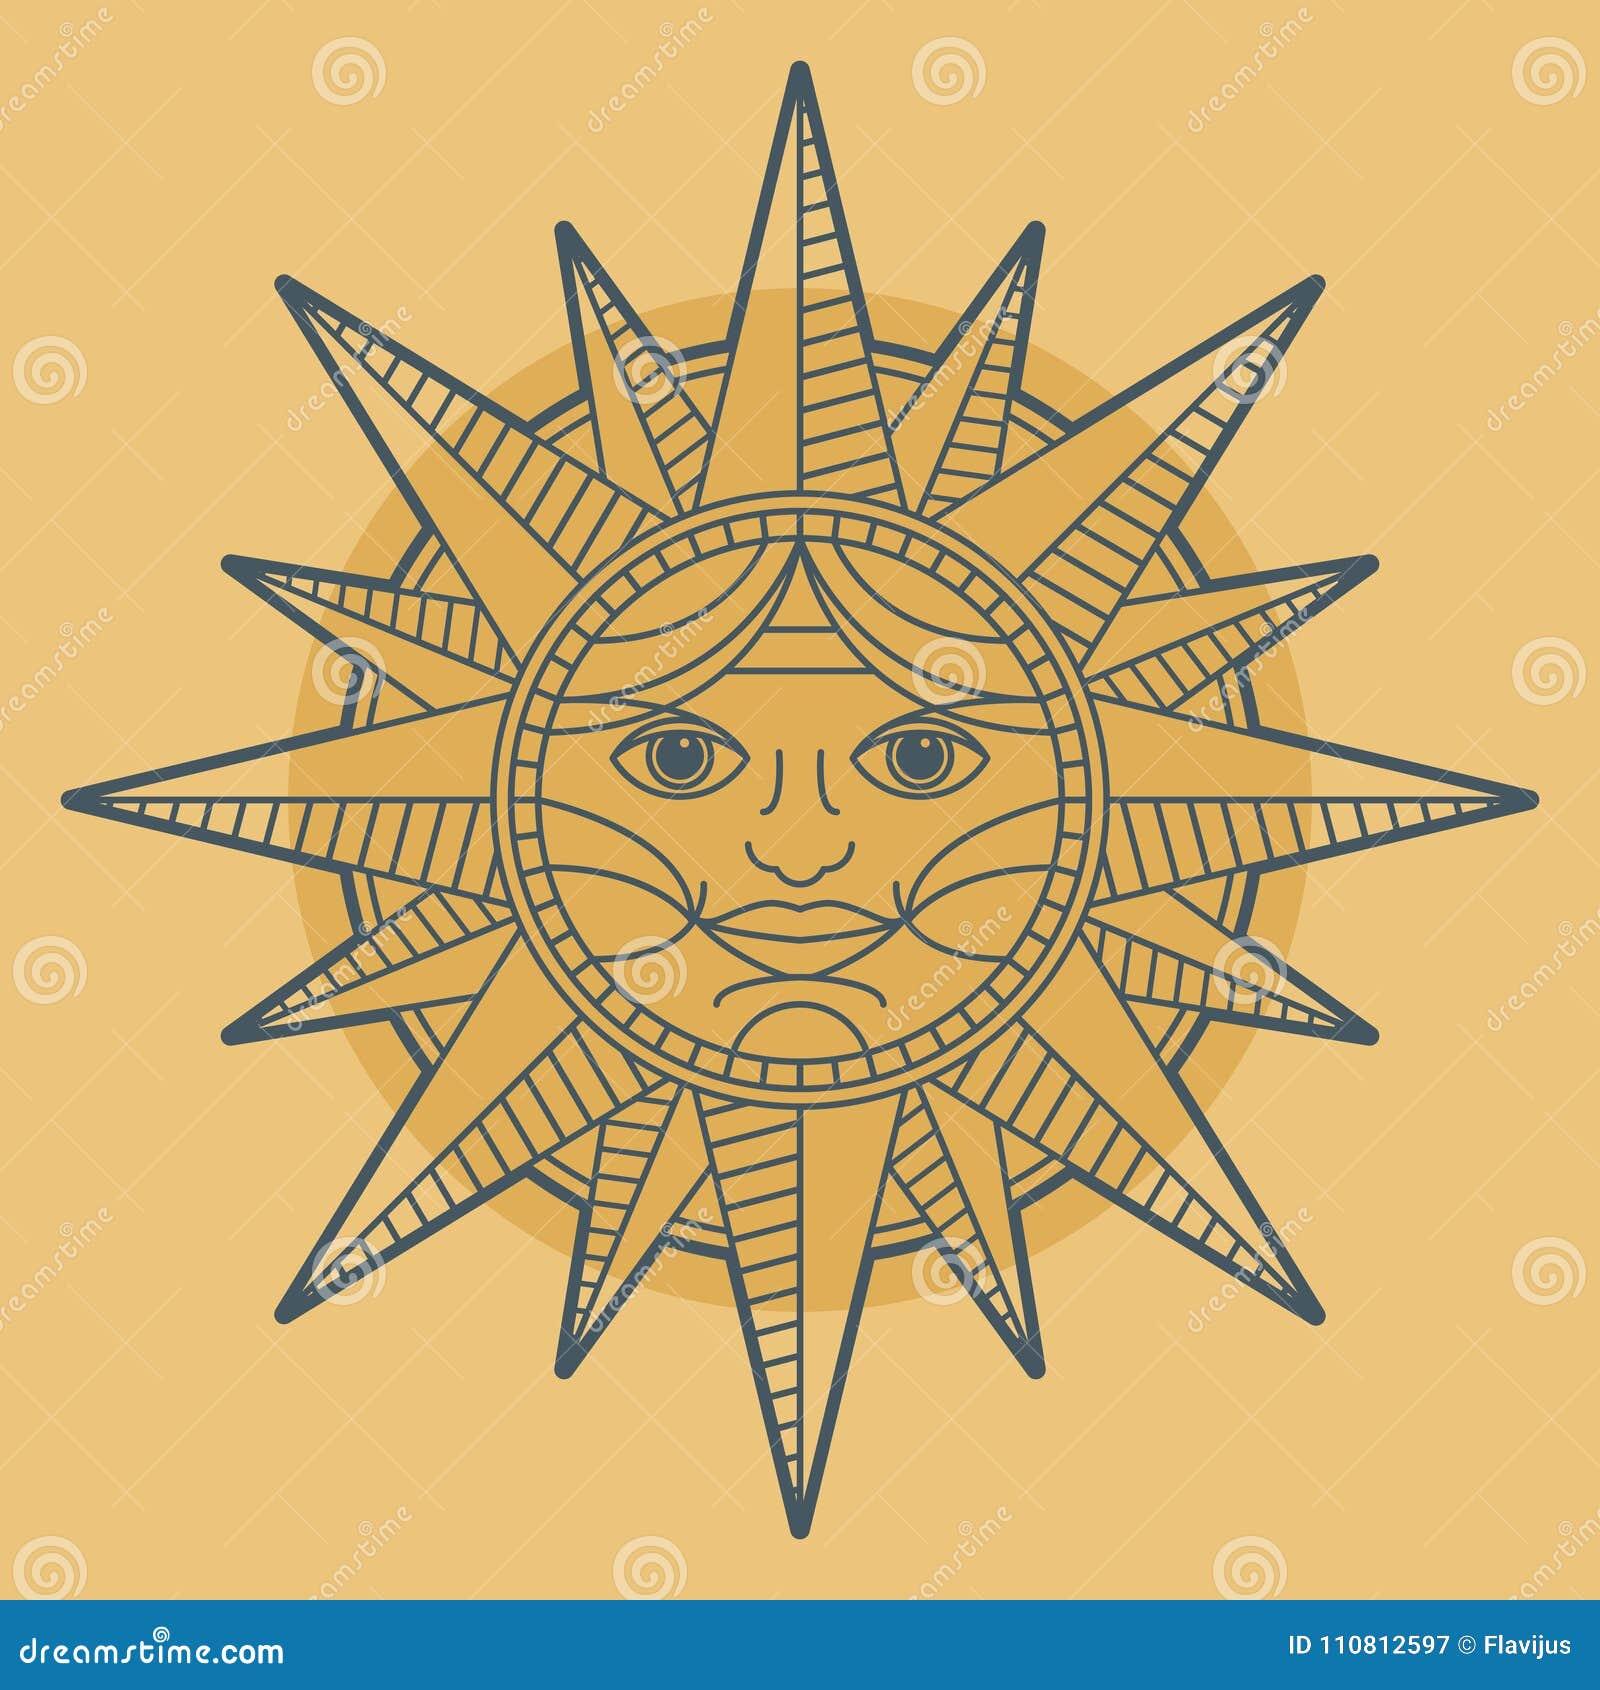 Vintage Sun Free Stock Photo (With images) | Sun art, Sun ... |Vintage Sun Illustration